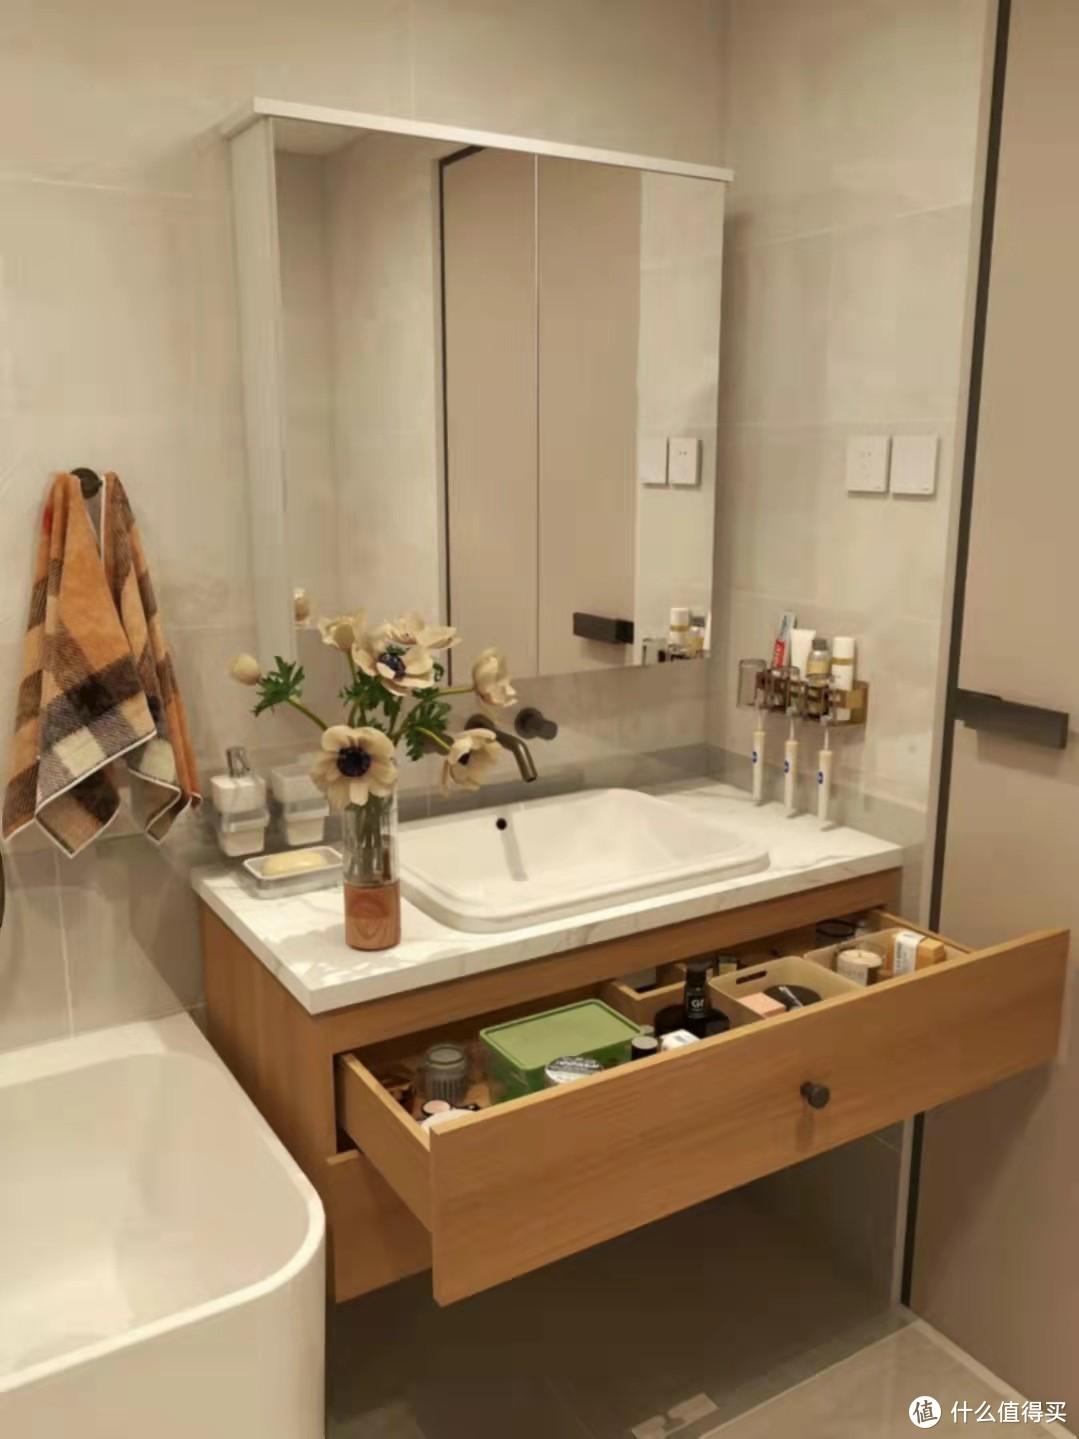 小空间样样俱全小浴缸泡澡真香!